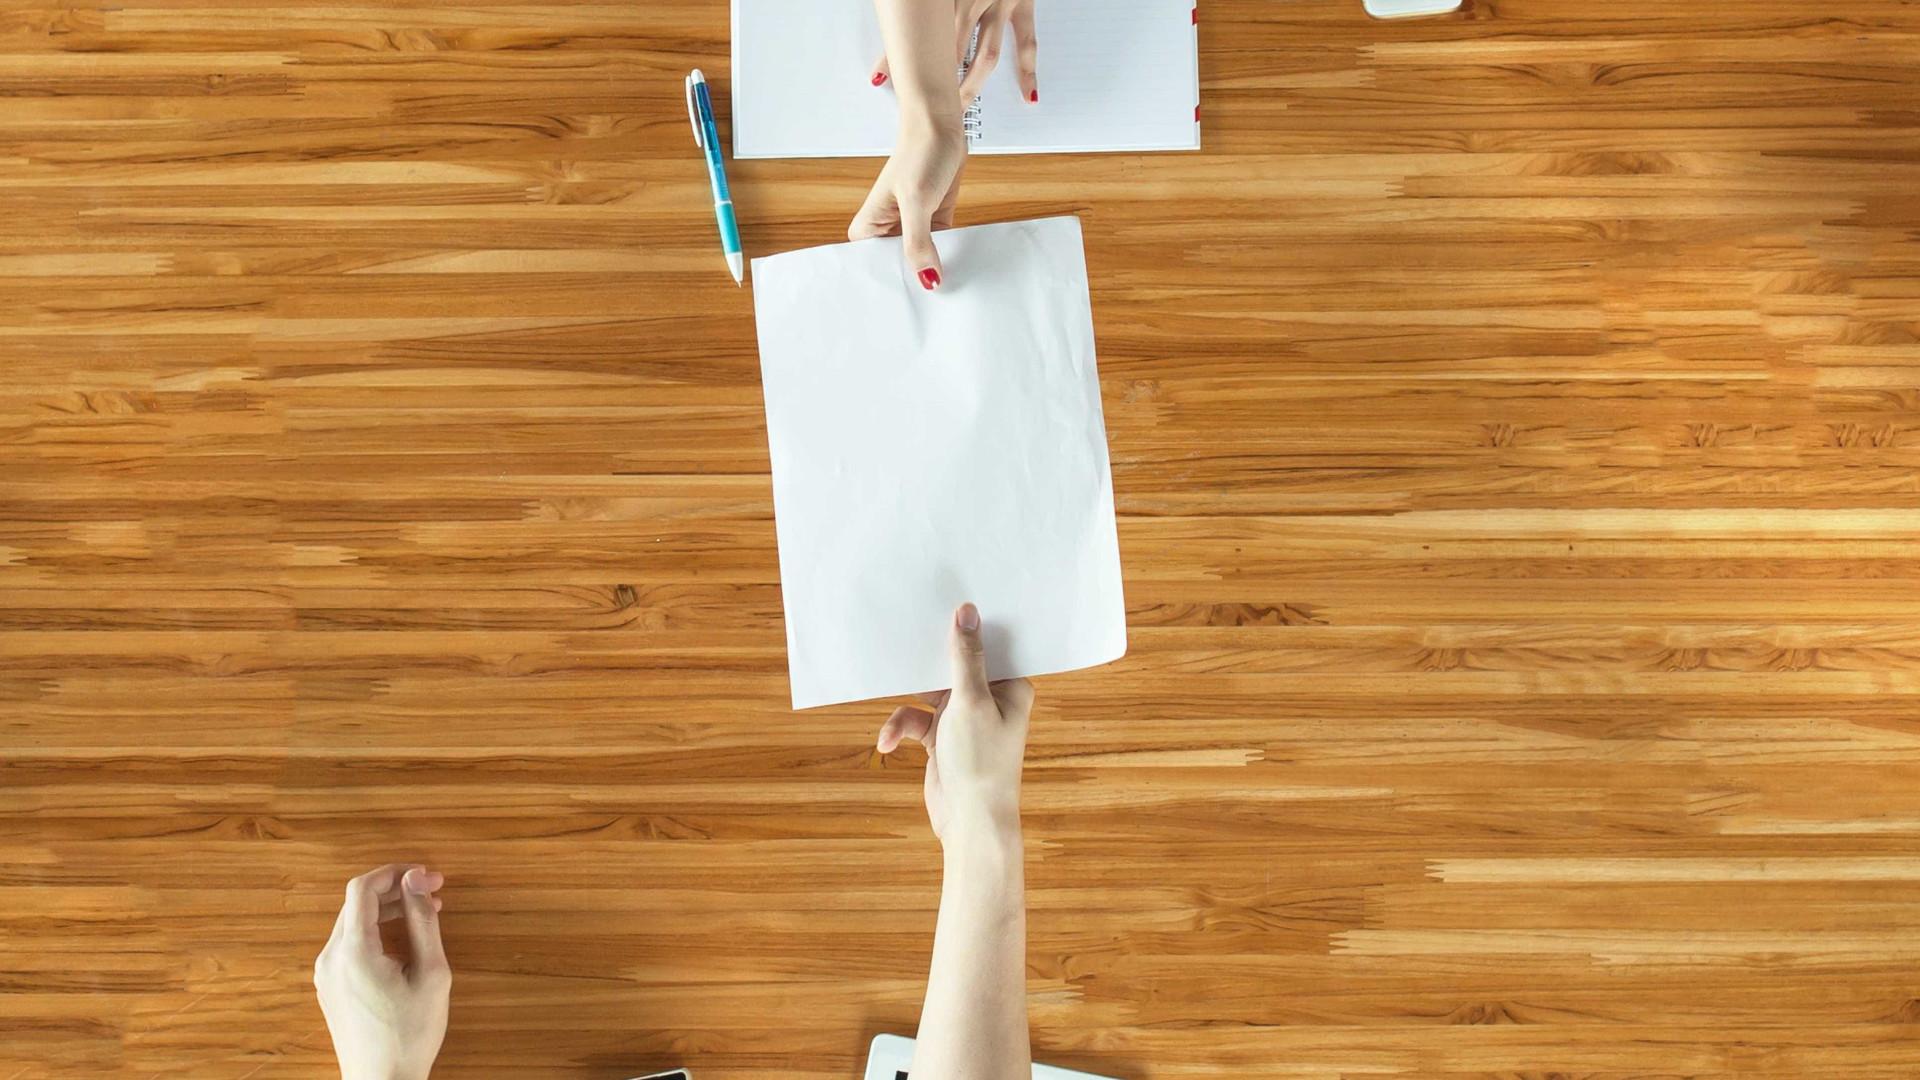 Procura Emprego Adecco Da 10 Dicas Para Um Cv De Excelencia